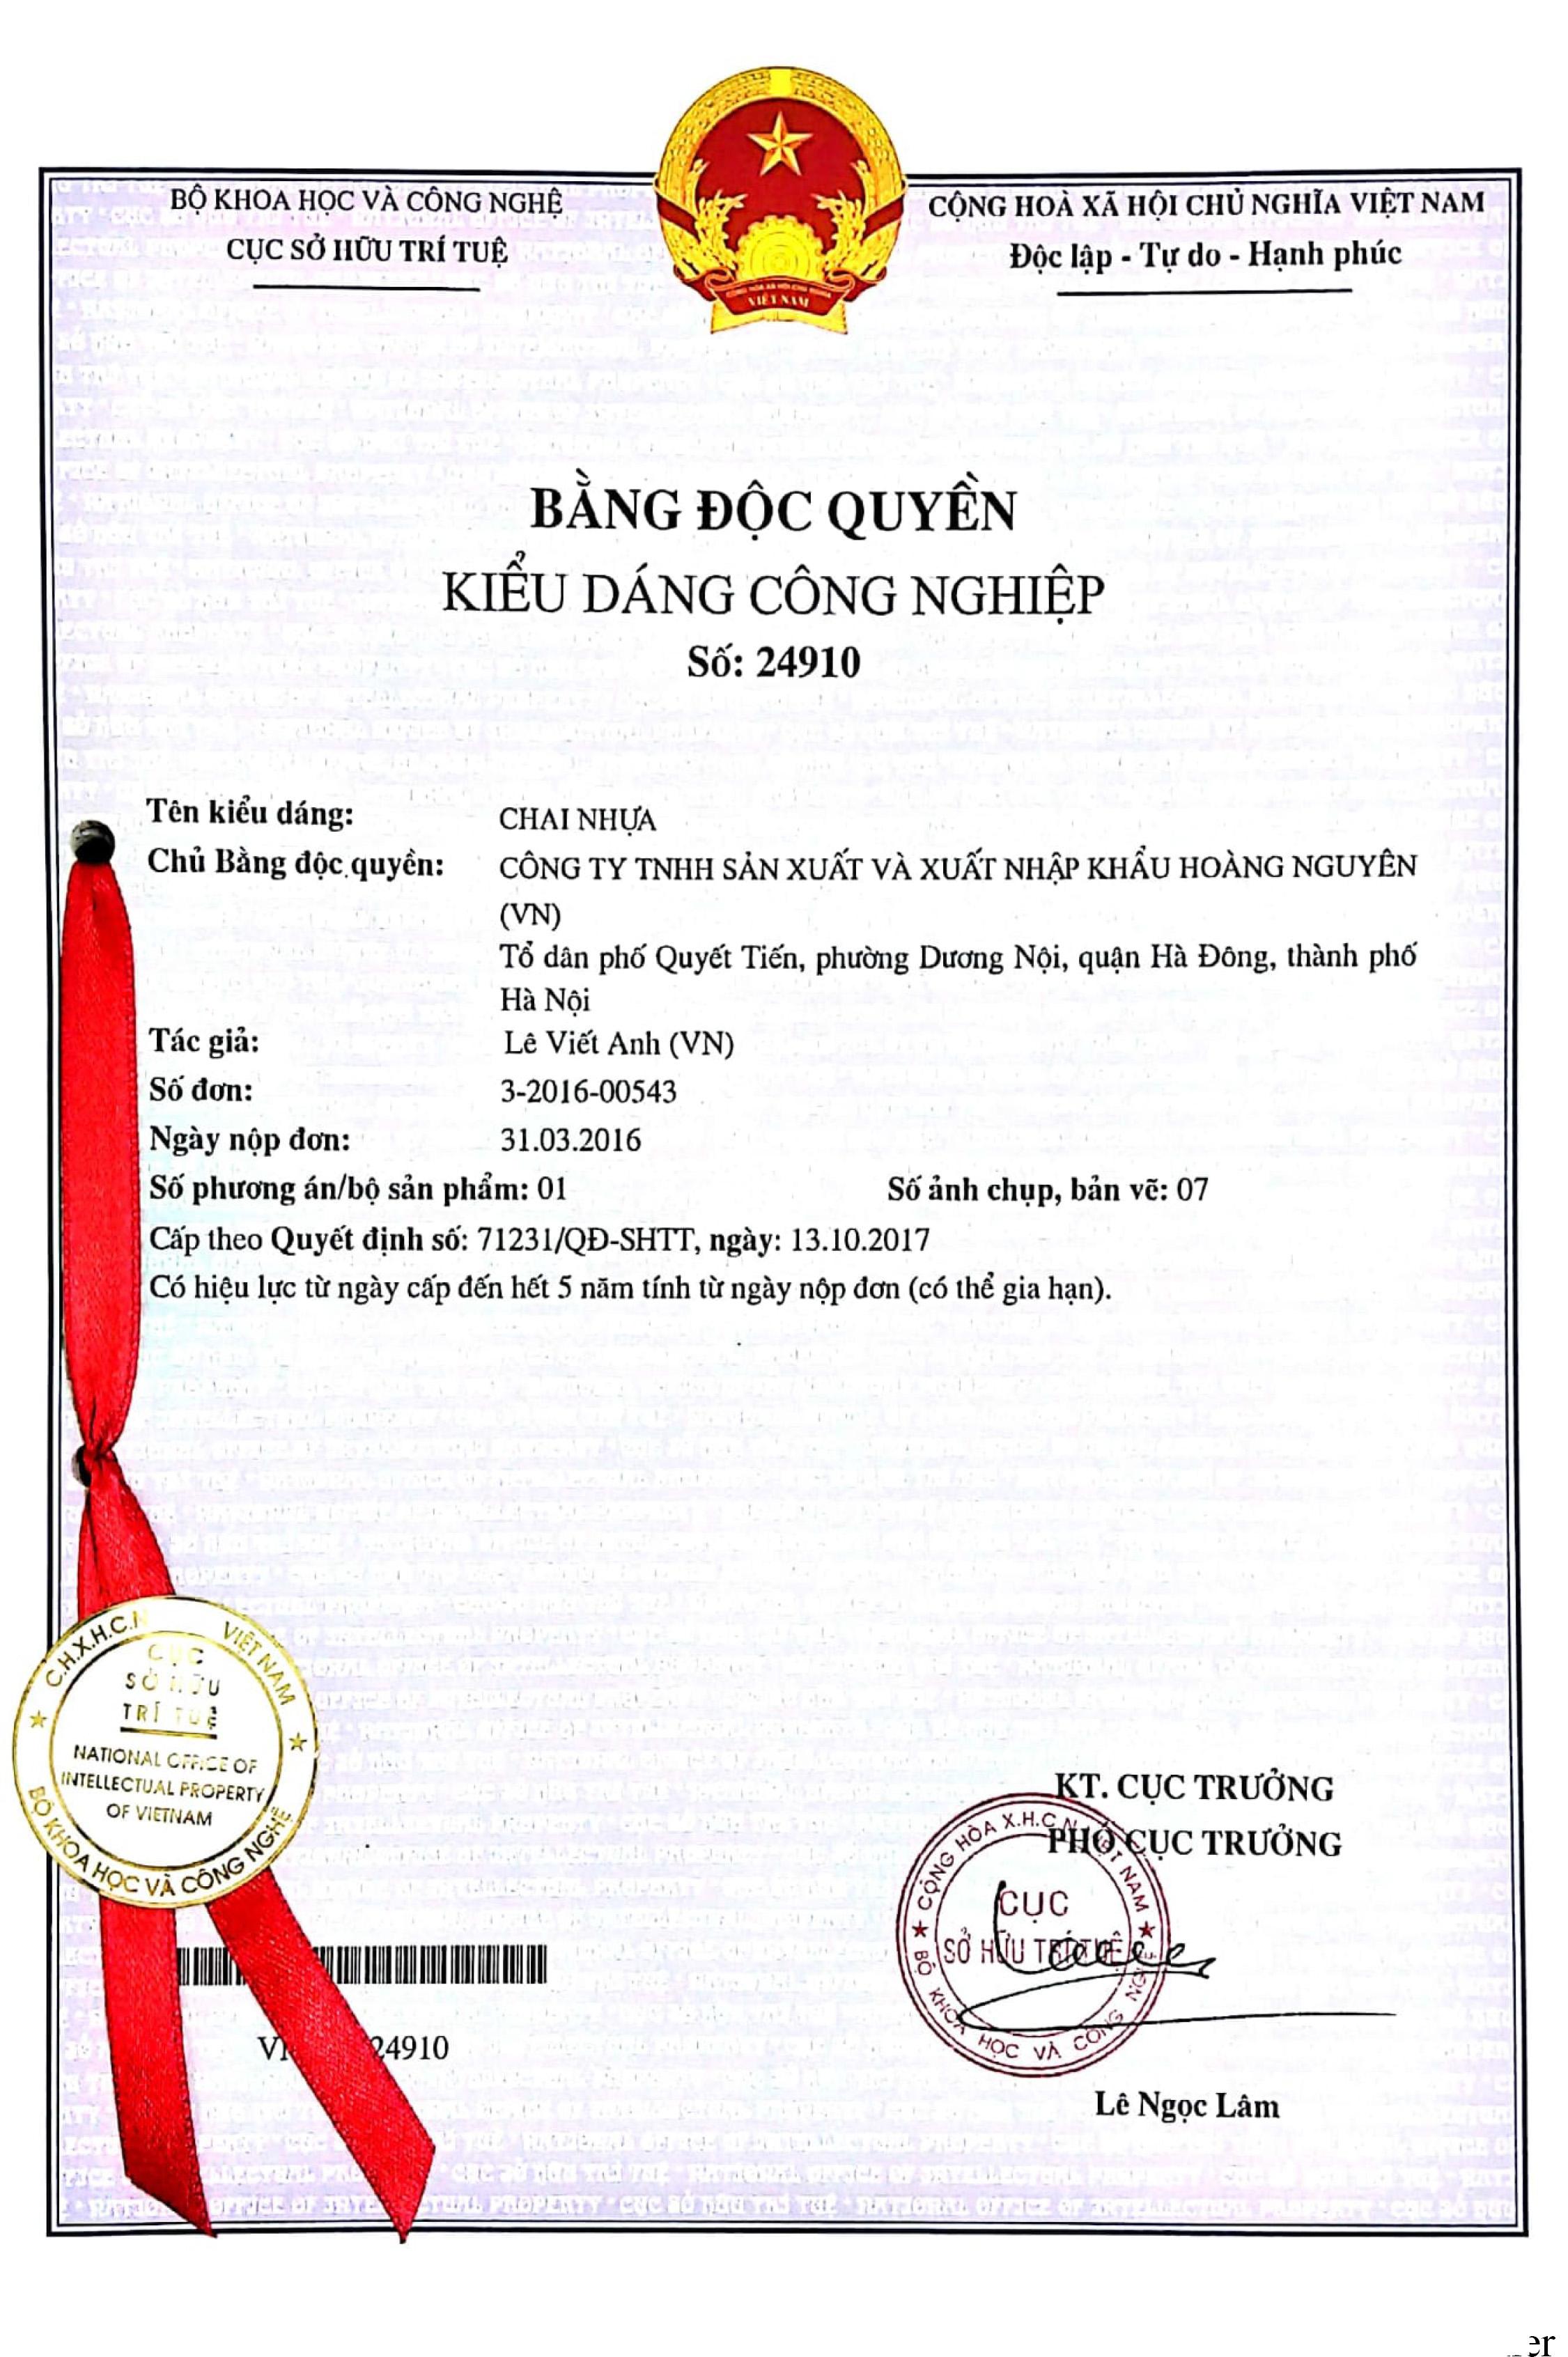 bang-doc-quyen-kieu-dang-cong-nghiep-so-24910